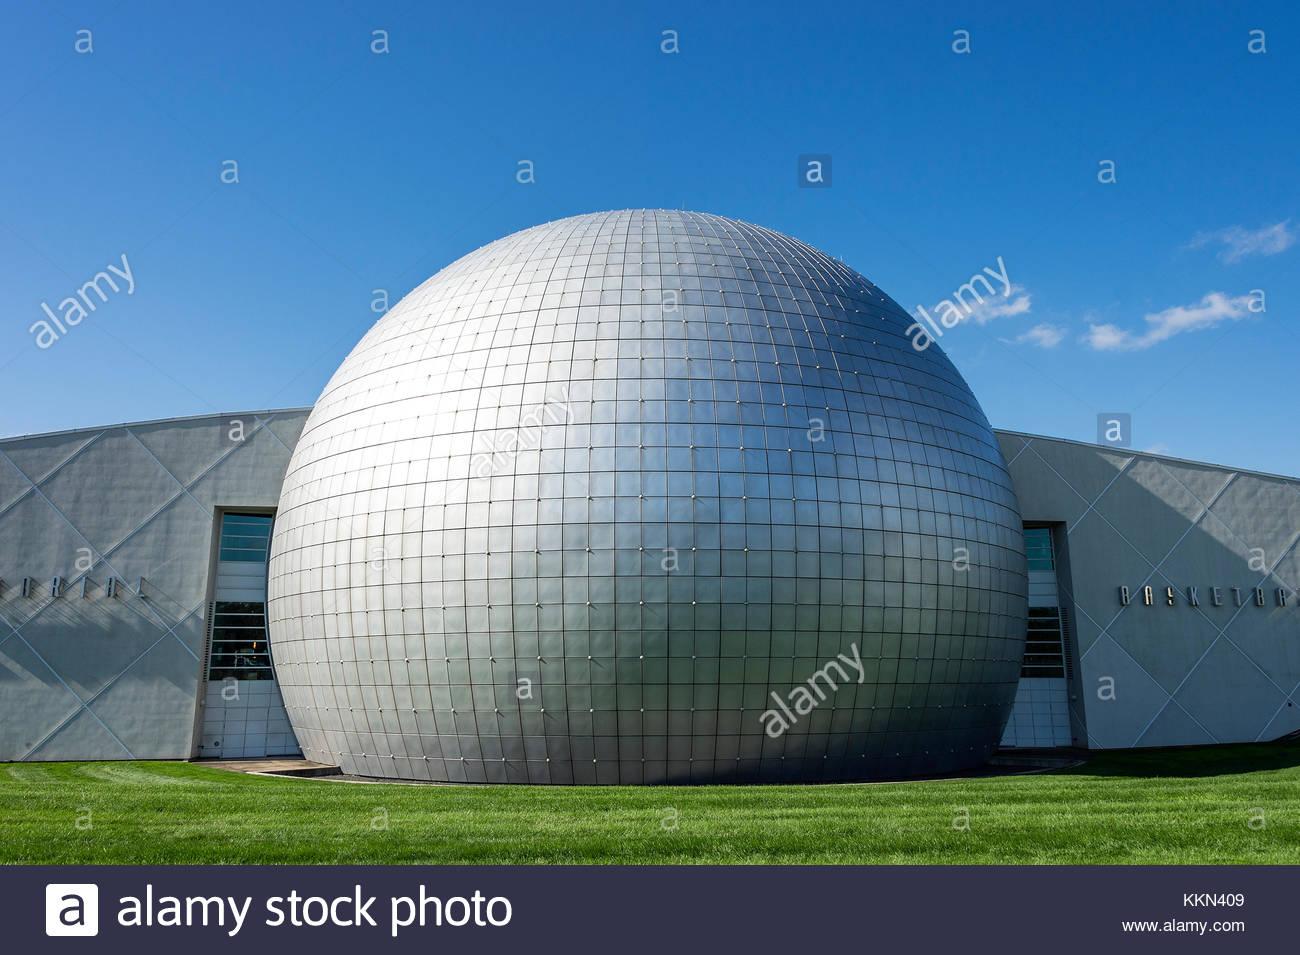 Naismith Memorial Basketball Hall of Fame, Springfield, Massachusetts, USA. - Stock Image